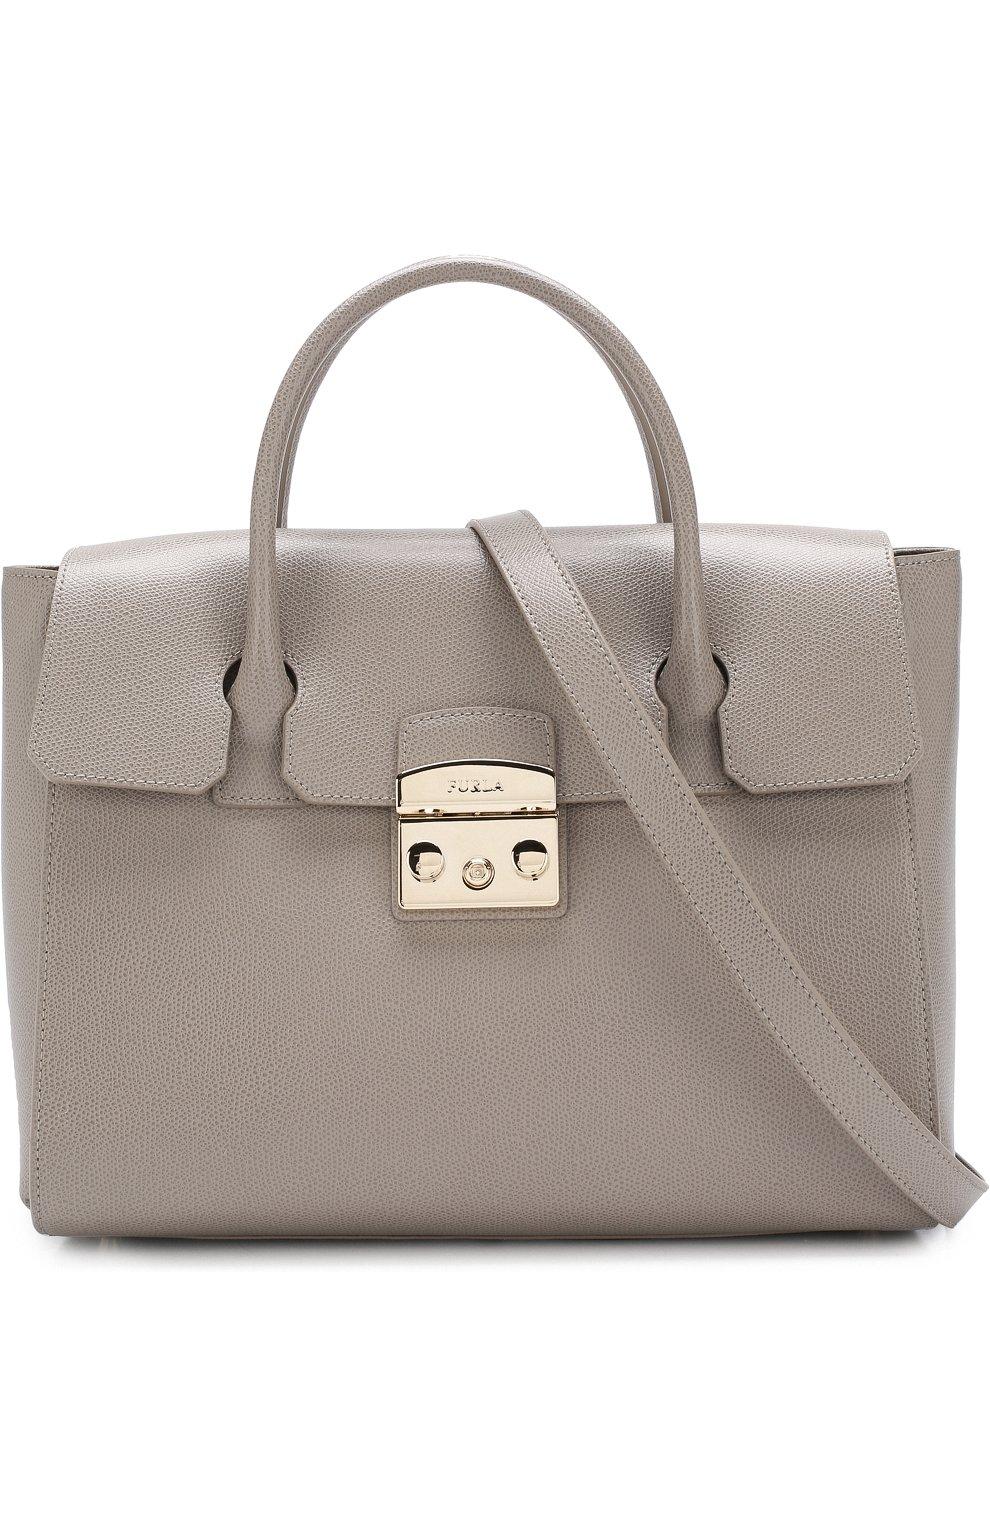 ba25bfe1855a Женская сумка metropolis FURLA серая цвета — купить за 33500 руб. в ...